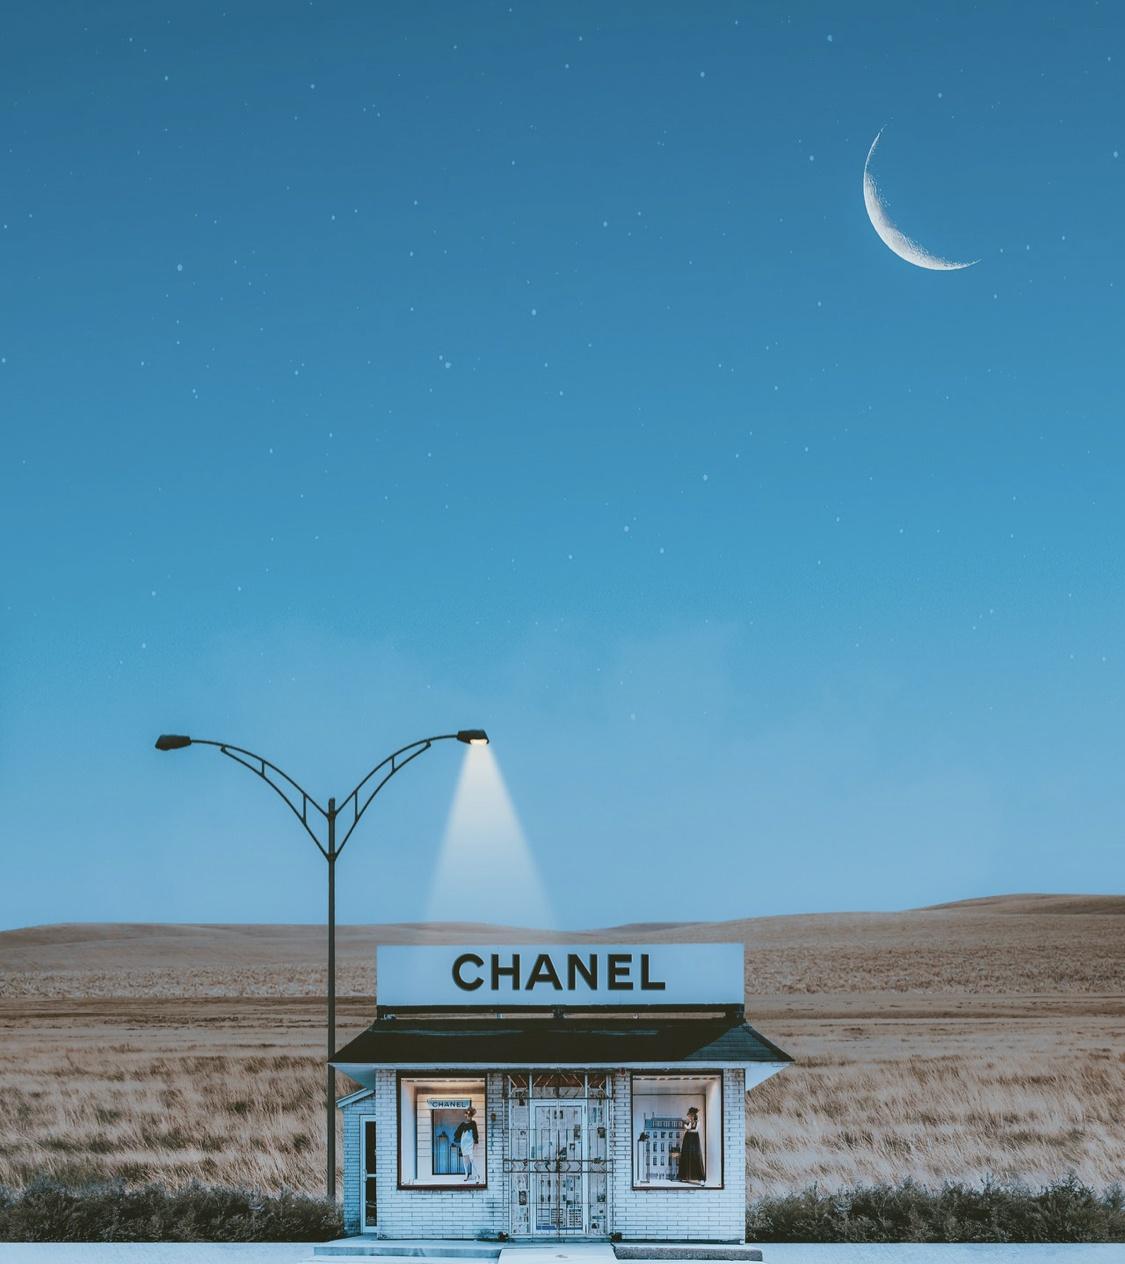 Chanel举办第二期文学聚会,与品牌创始人是否有渊源?